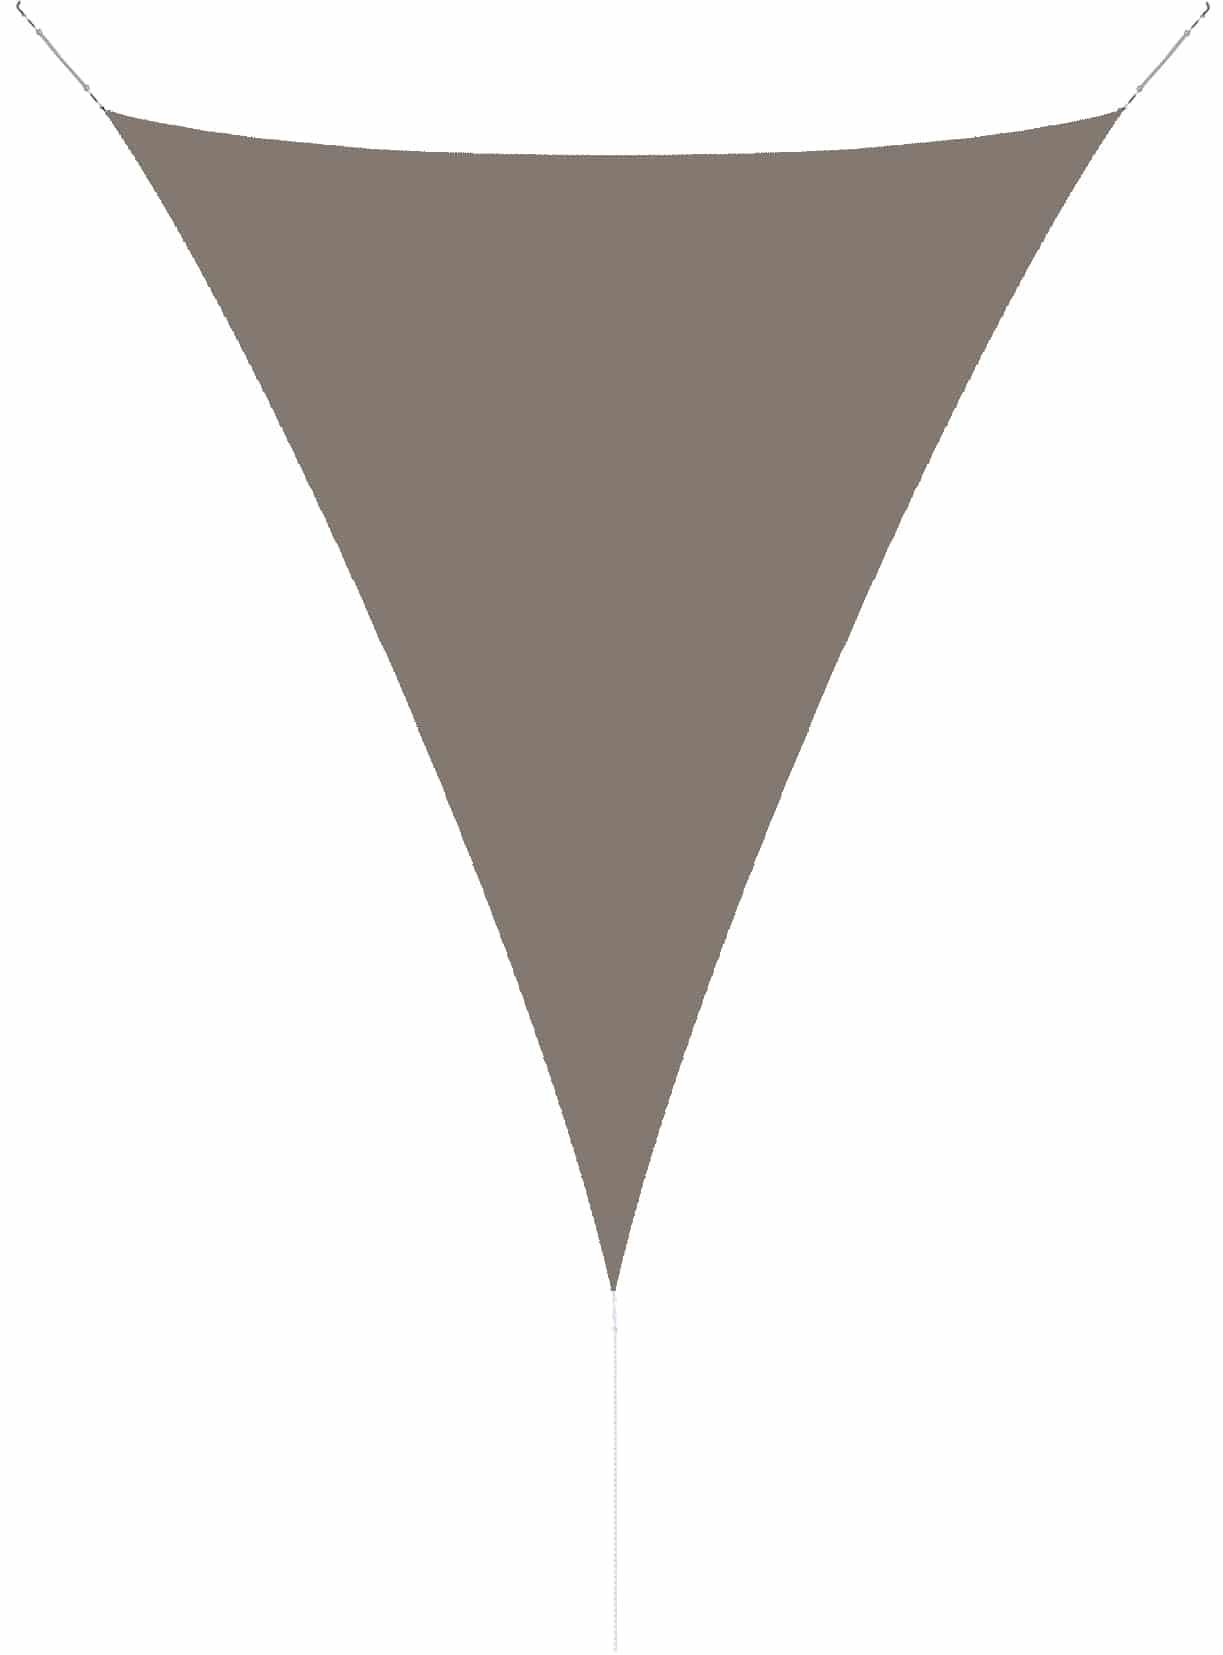 hanSe® Schaduwdoek Driehoek Gelijkbenig Waterdoorlatend 3,5x3,5x4,95 m - Taupe